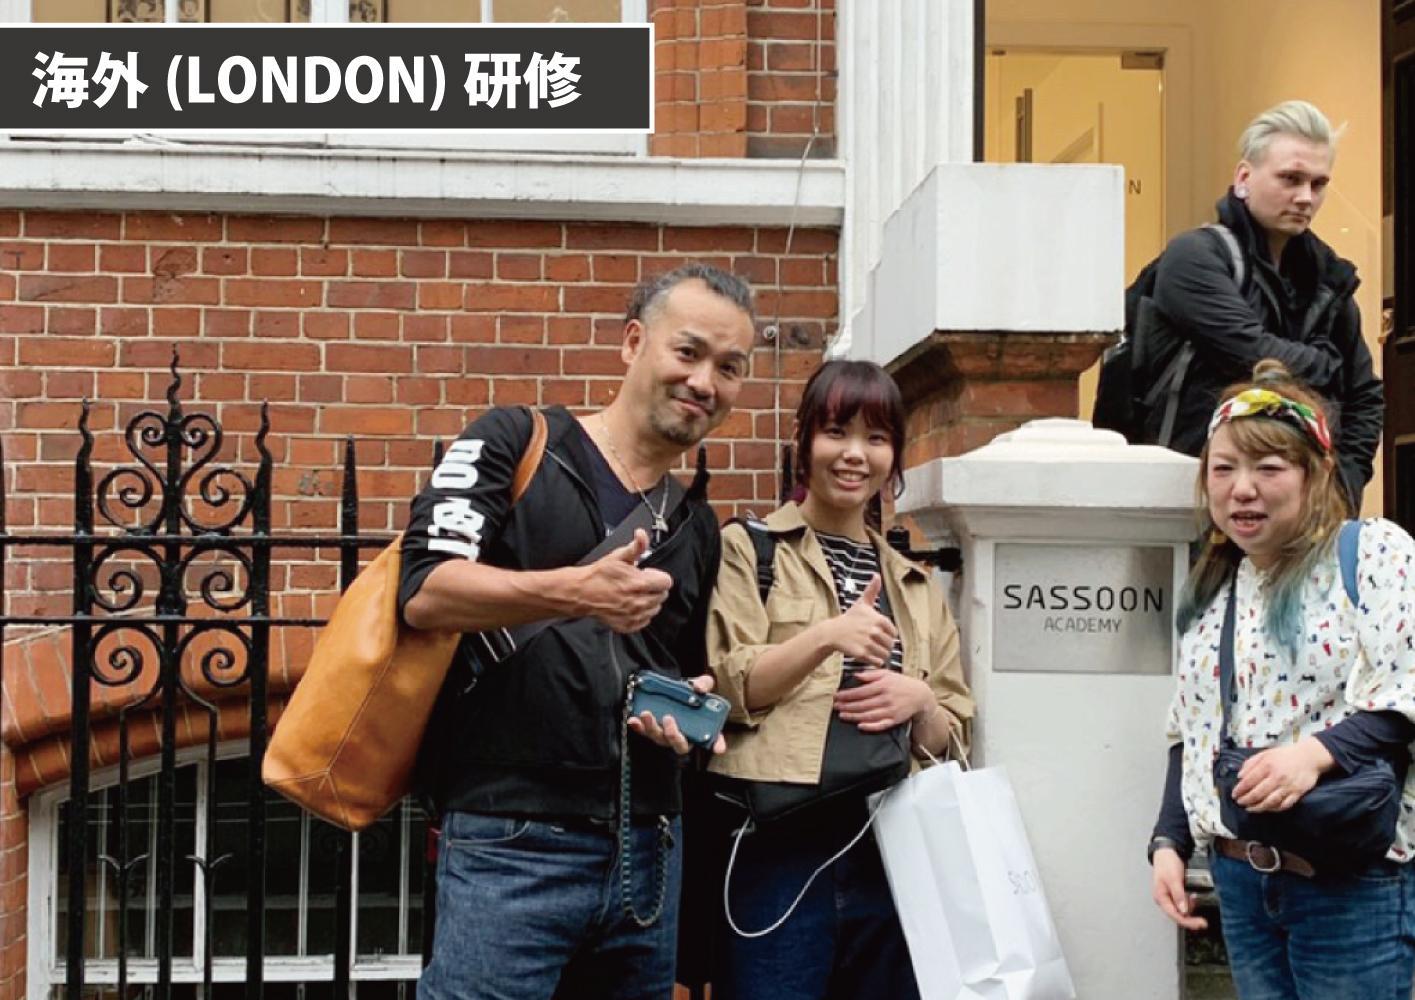 スタイリストの「ロンドン研修」